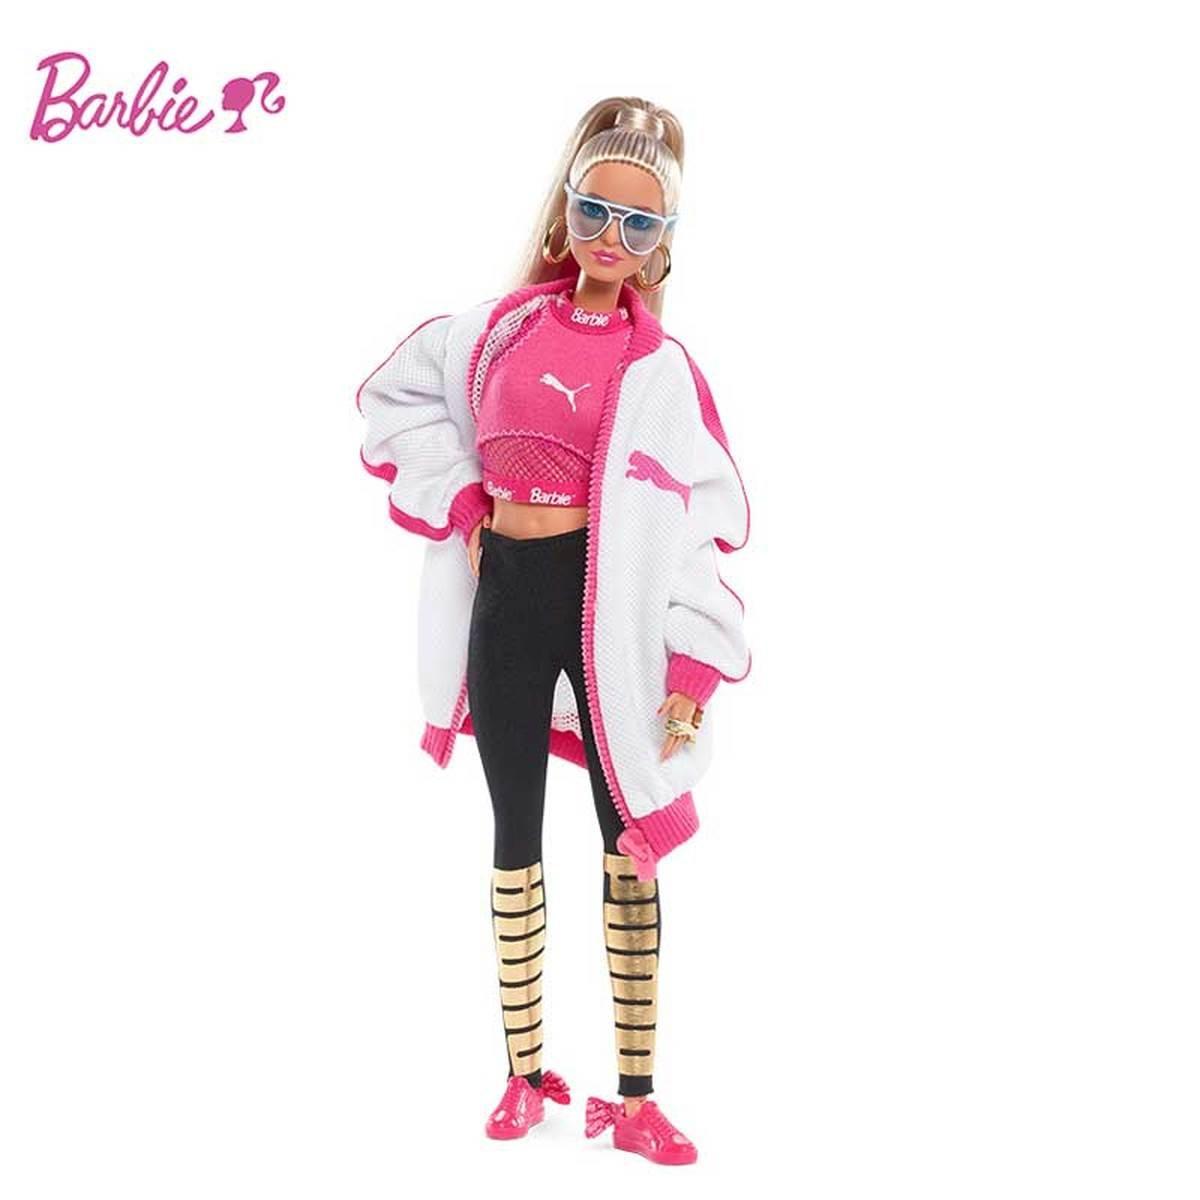 باربي بوما دمية DWF59 المشتركة نموذج الرياضة سترة أنيقة تحمل شعار لعبة البيسبول محدودة جمع الطفل لعبة للفتيات الاطفال الأطفال هدية عيد ميلاد